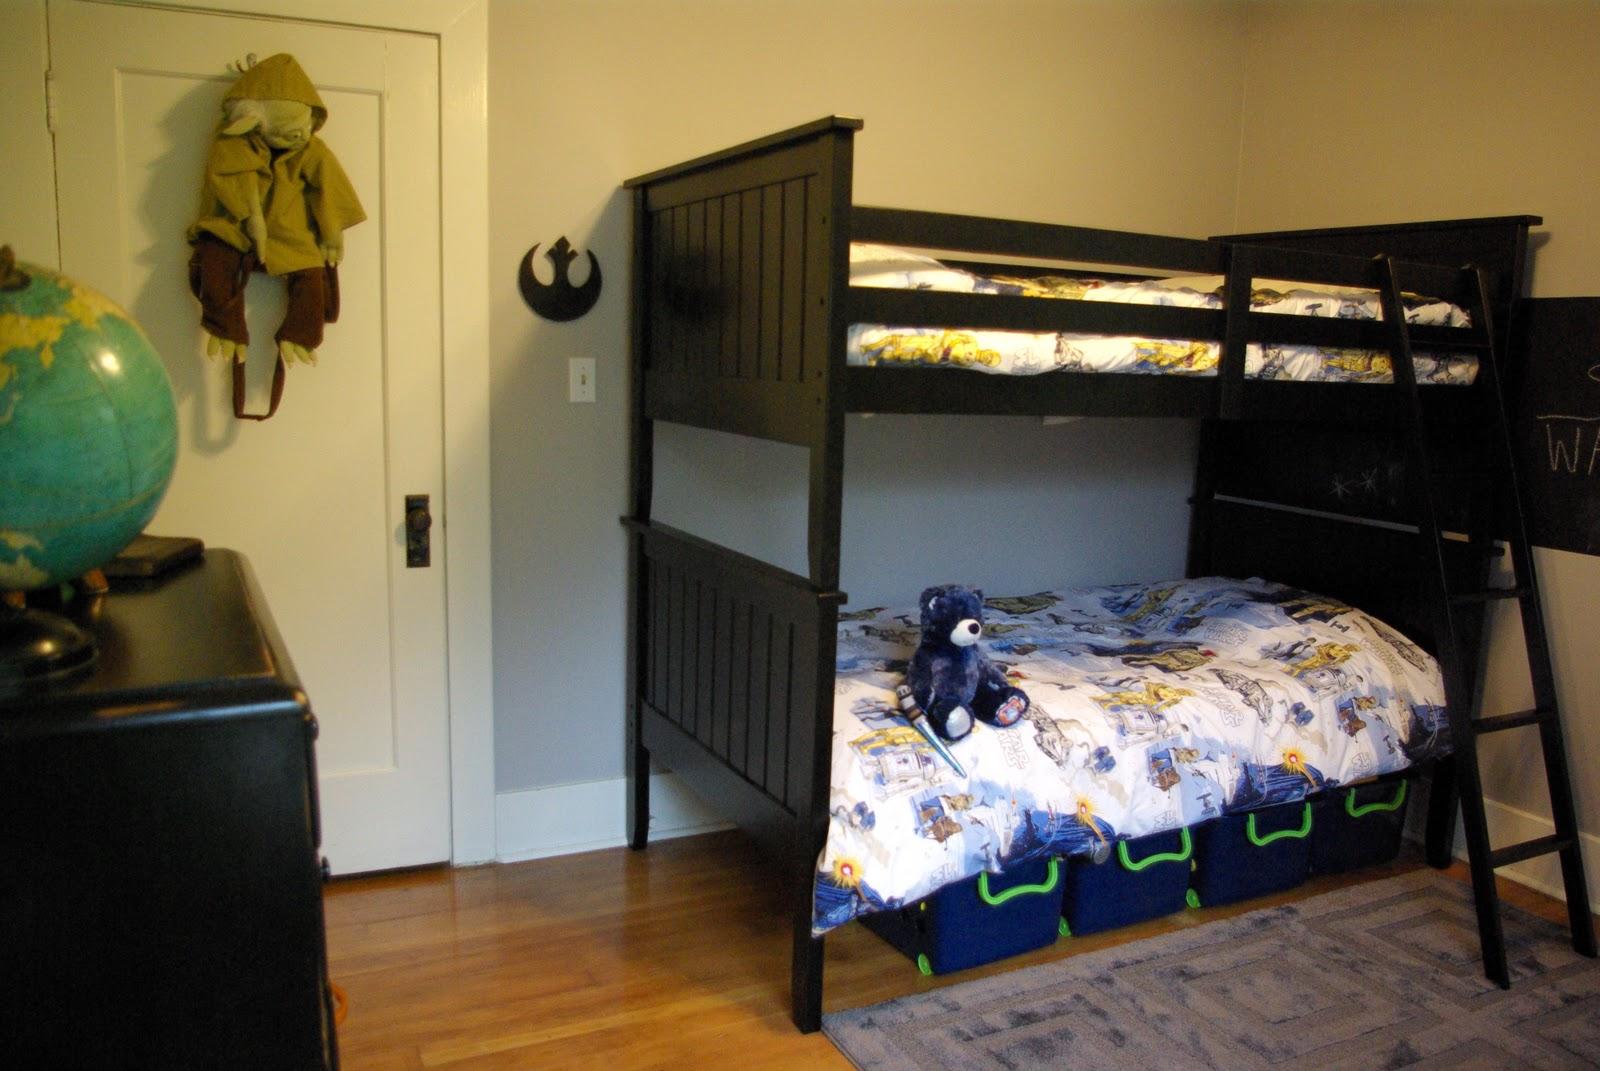 New For The Bedroom For Him Stars Wars Bedroom Oleander Palm